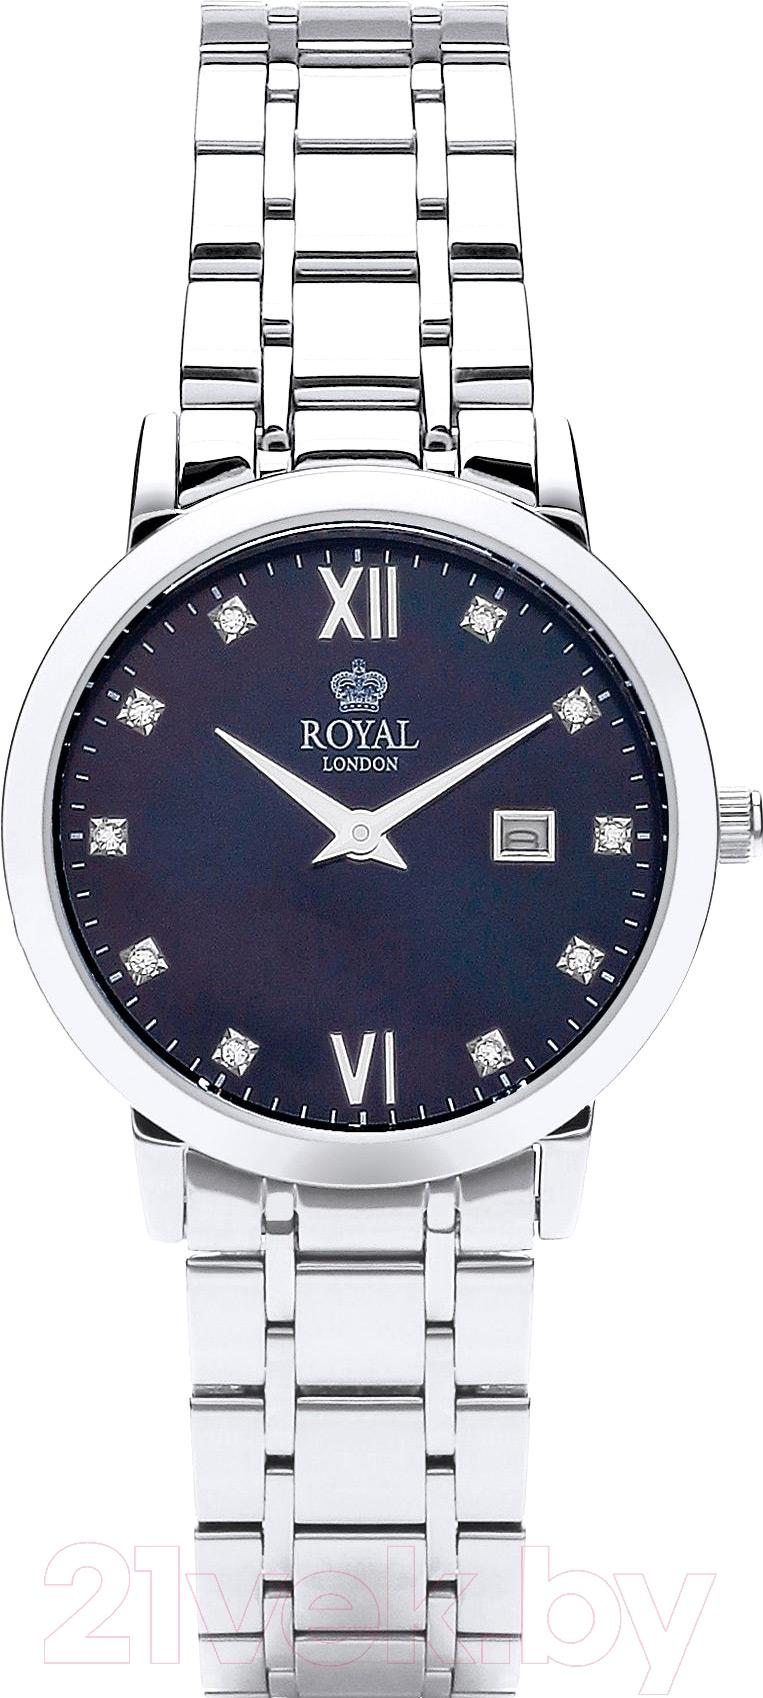 Купить Часы наручные женские Royal London, 21199-04, Великобритания